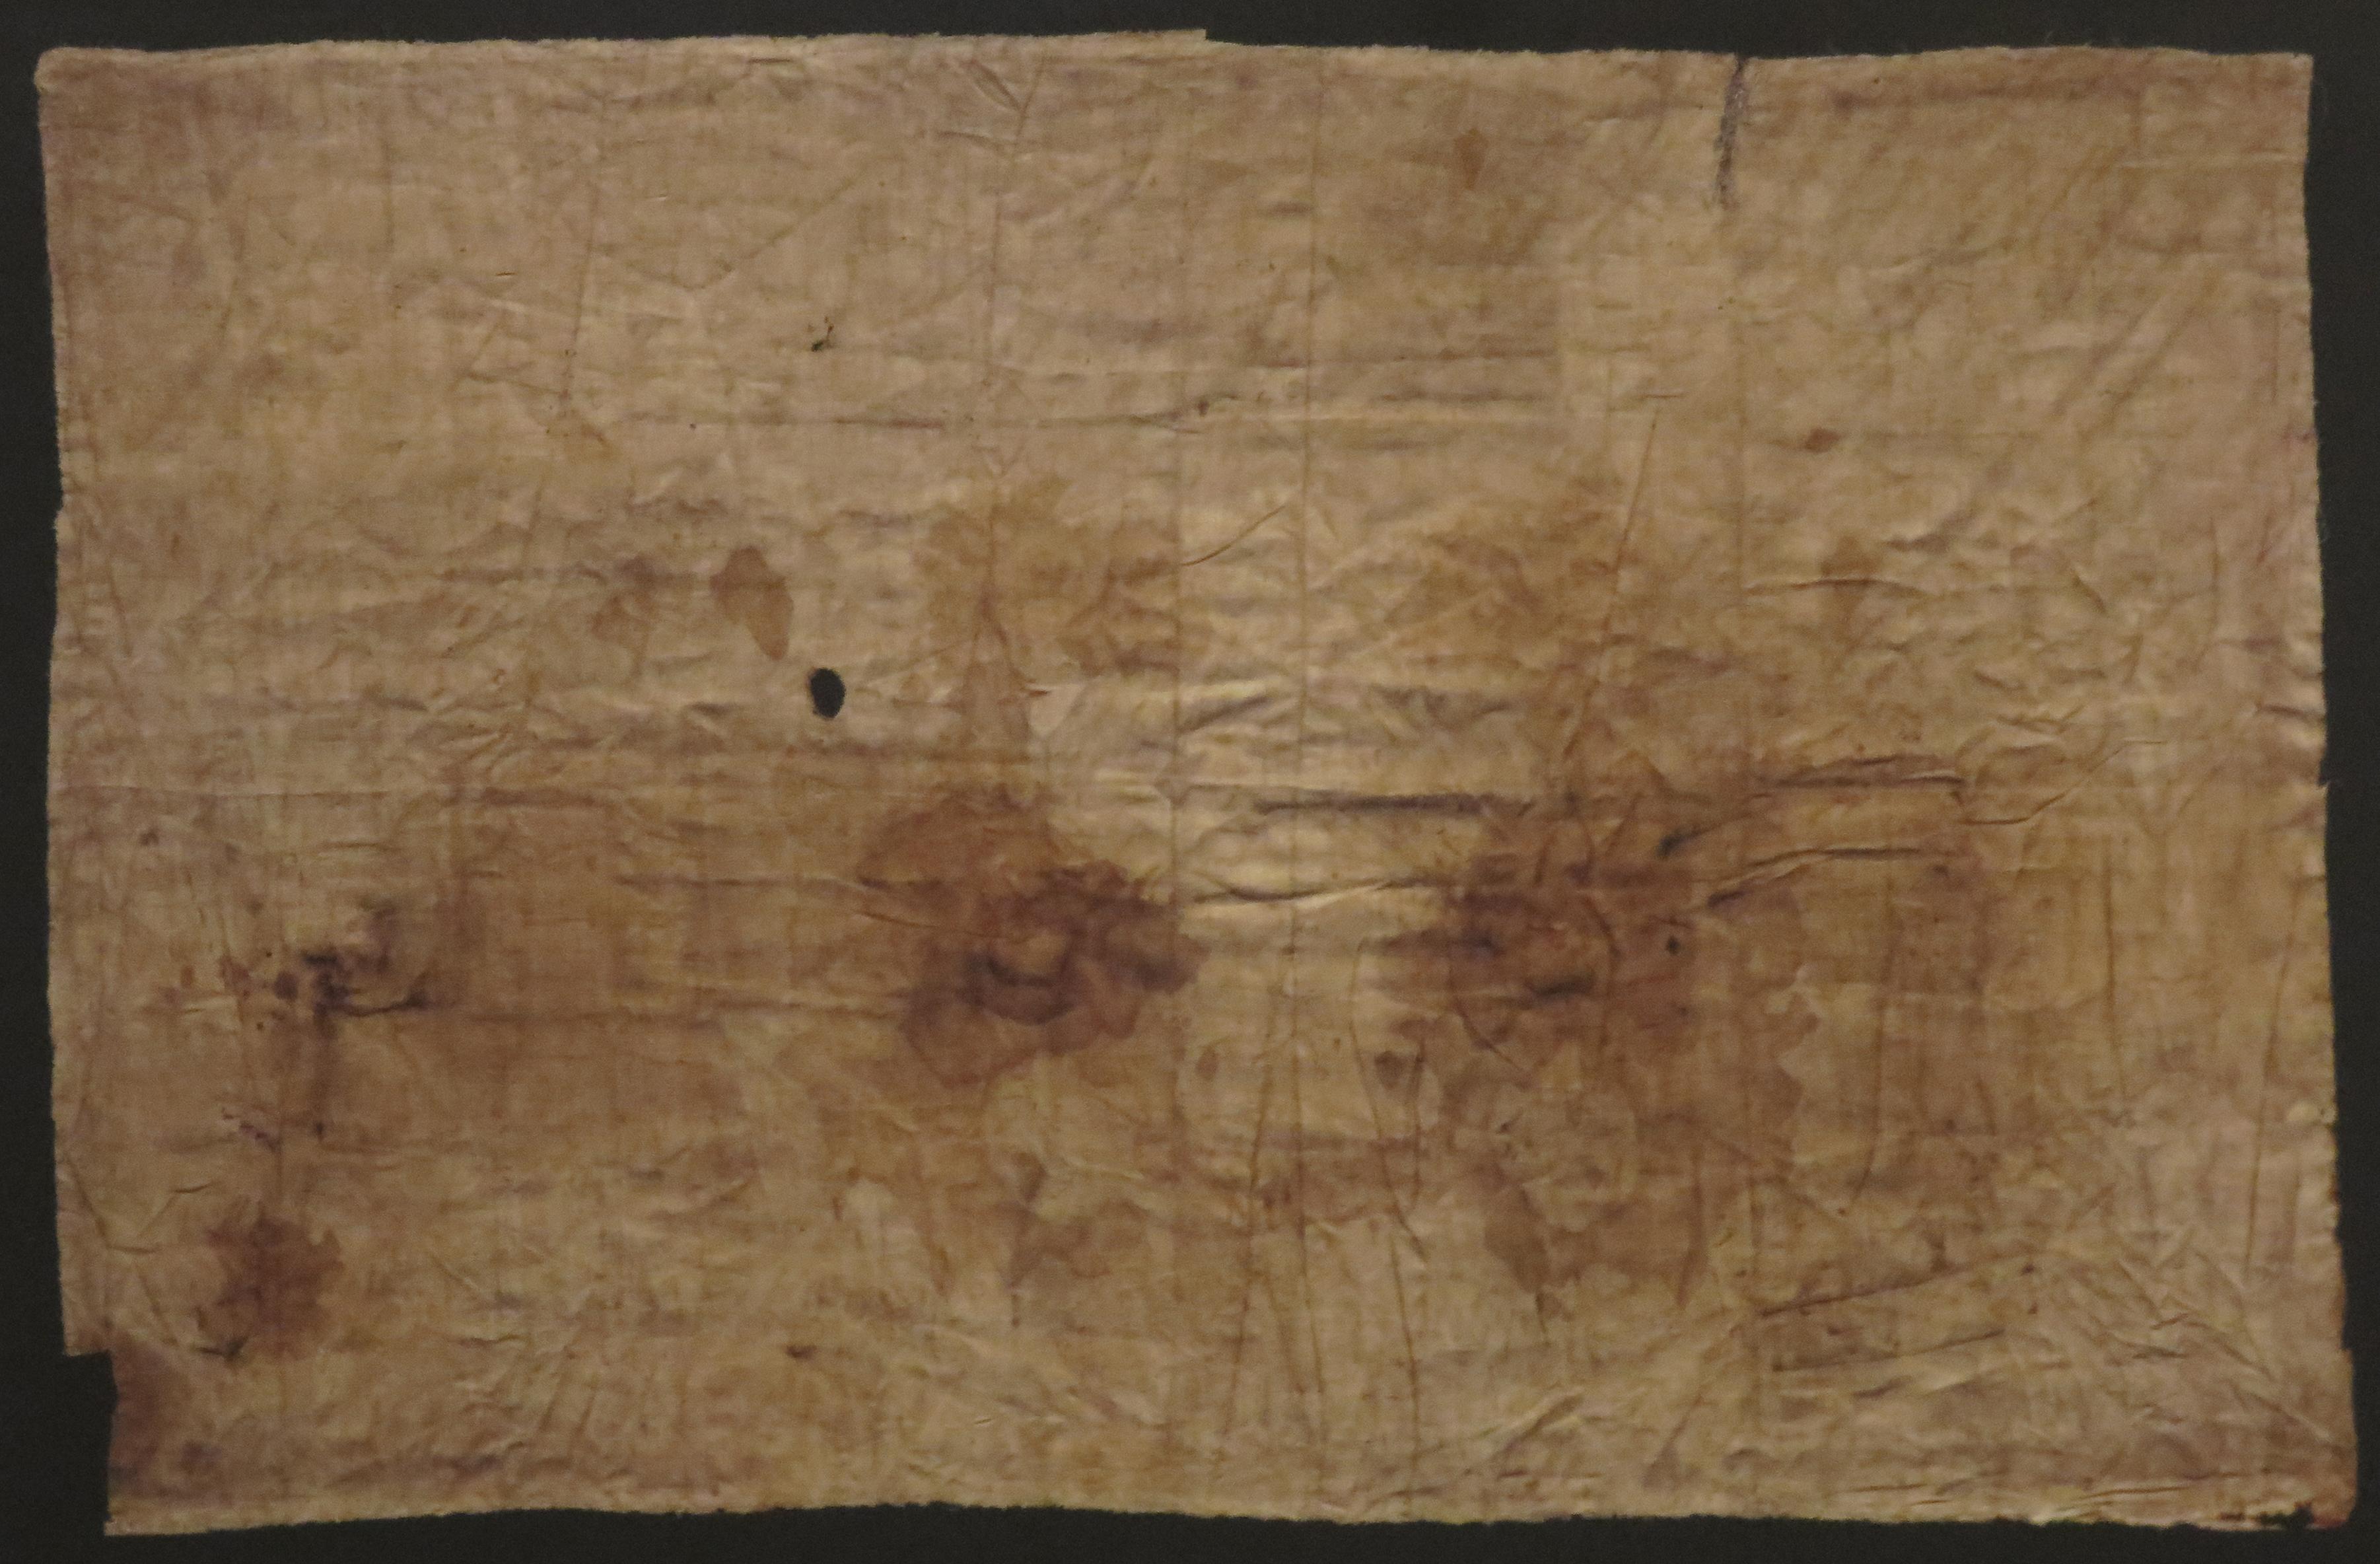 Sudarium of oviedo carbon dating brugernavn dating